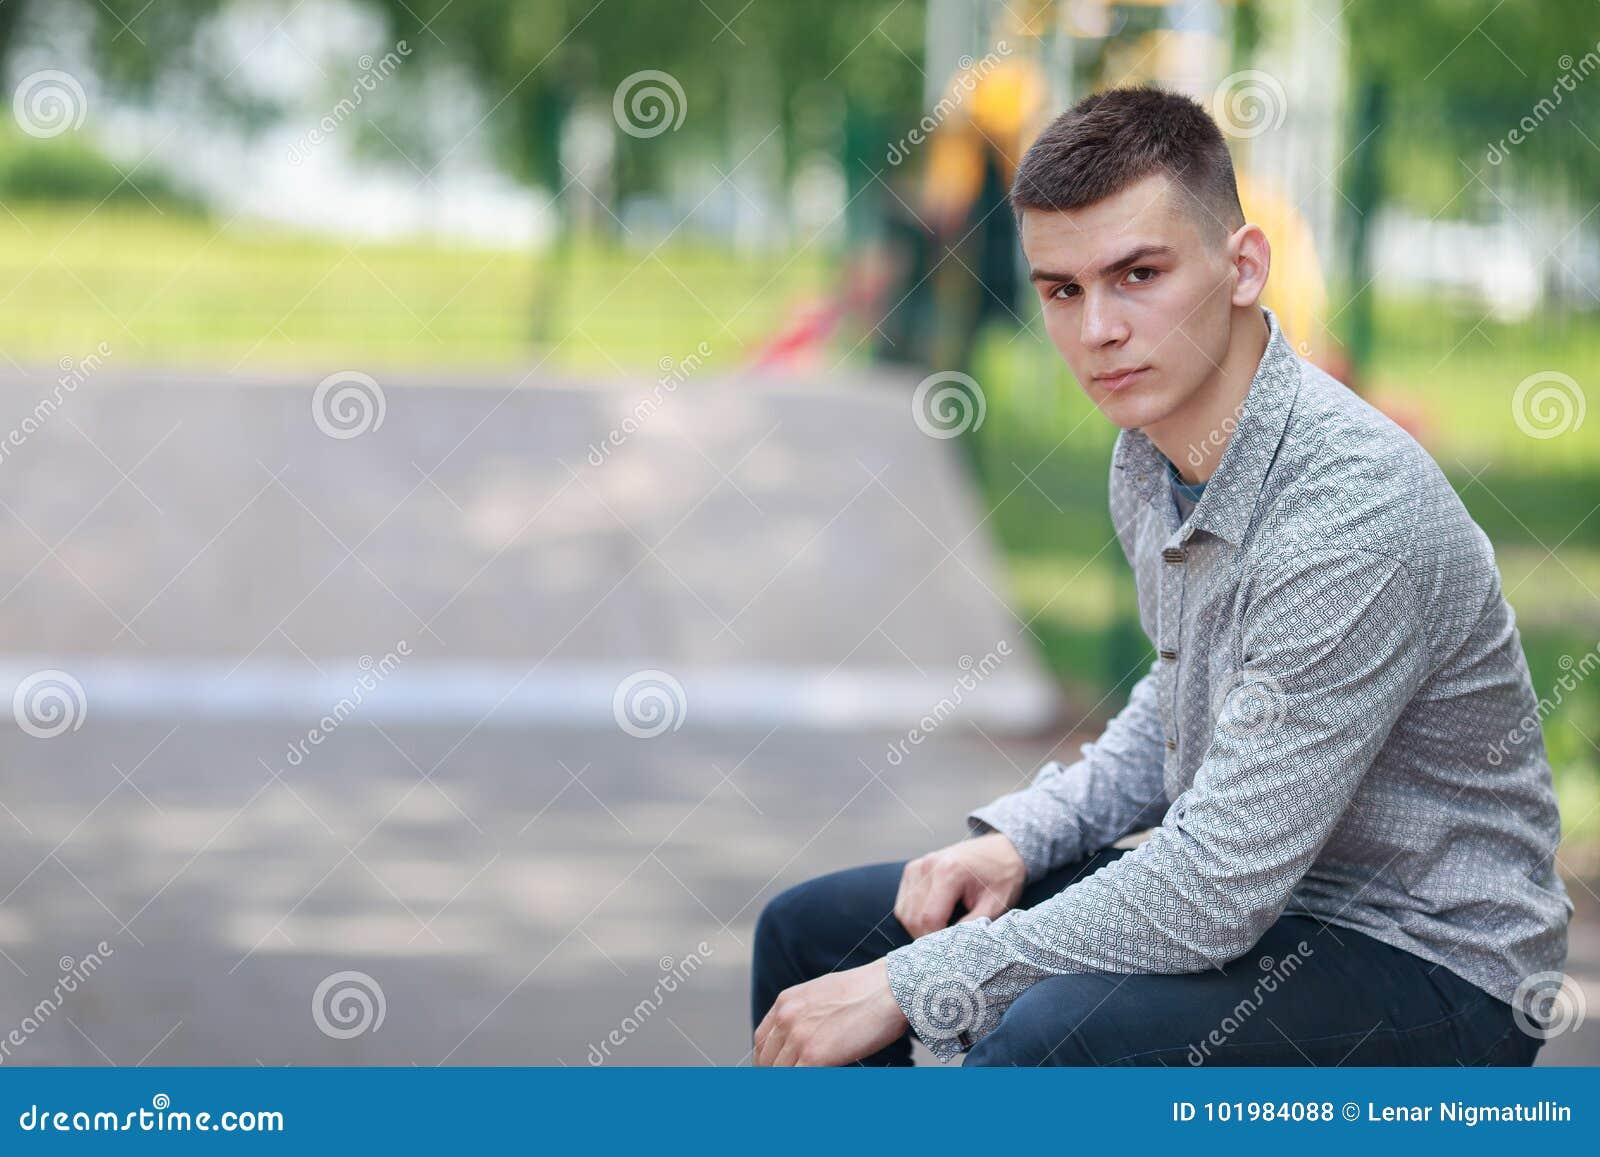 Brunette guy outdoor